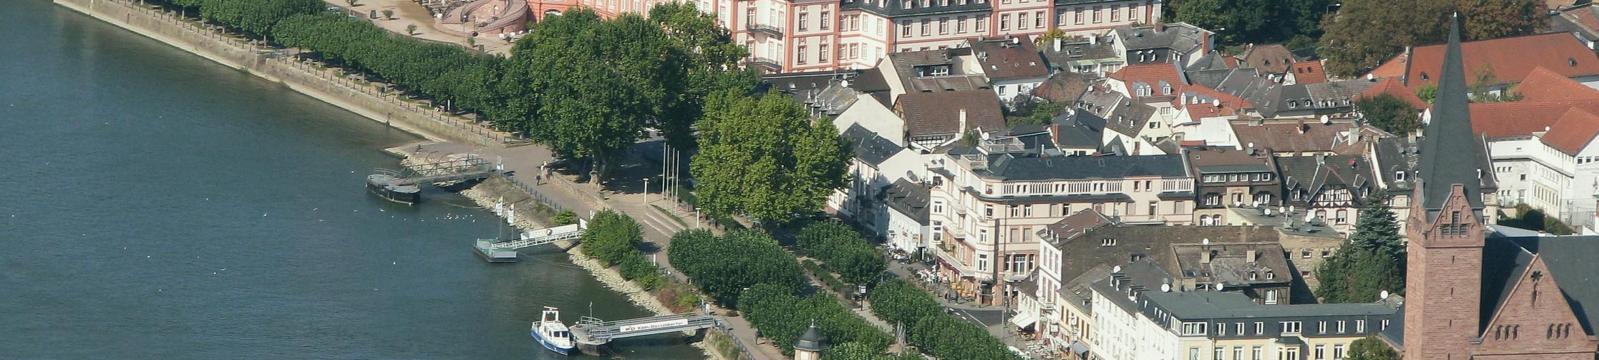 Kostenlose Gay-Kontakte in Wiesbaden - Schwuler Sex und